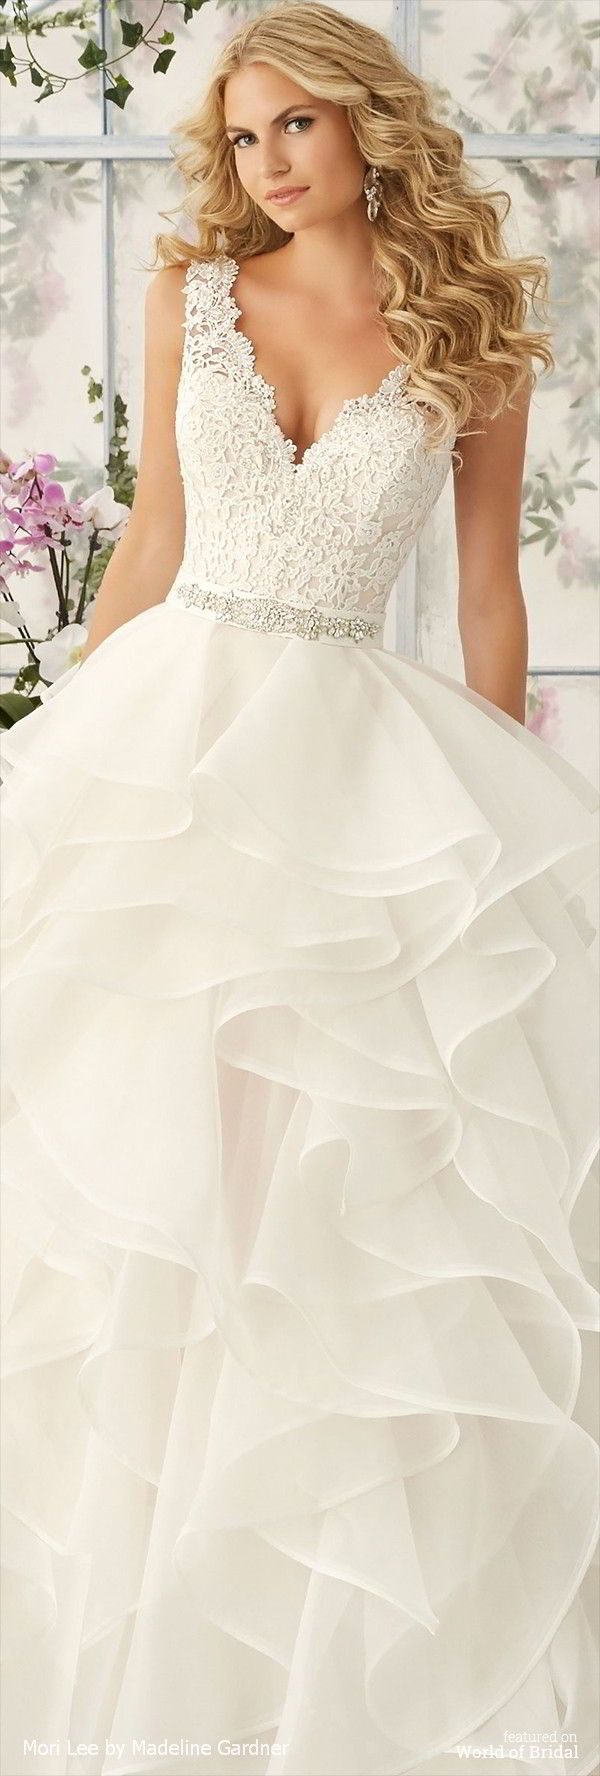 1000 ideas about hispanic hair on pinterest white hair for Madeline gardner mori lee wedding dress